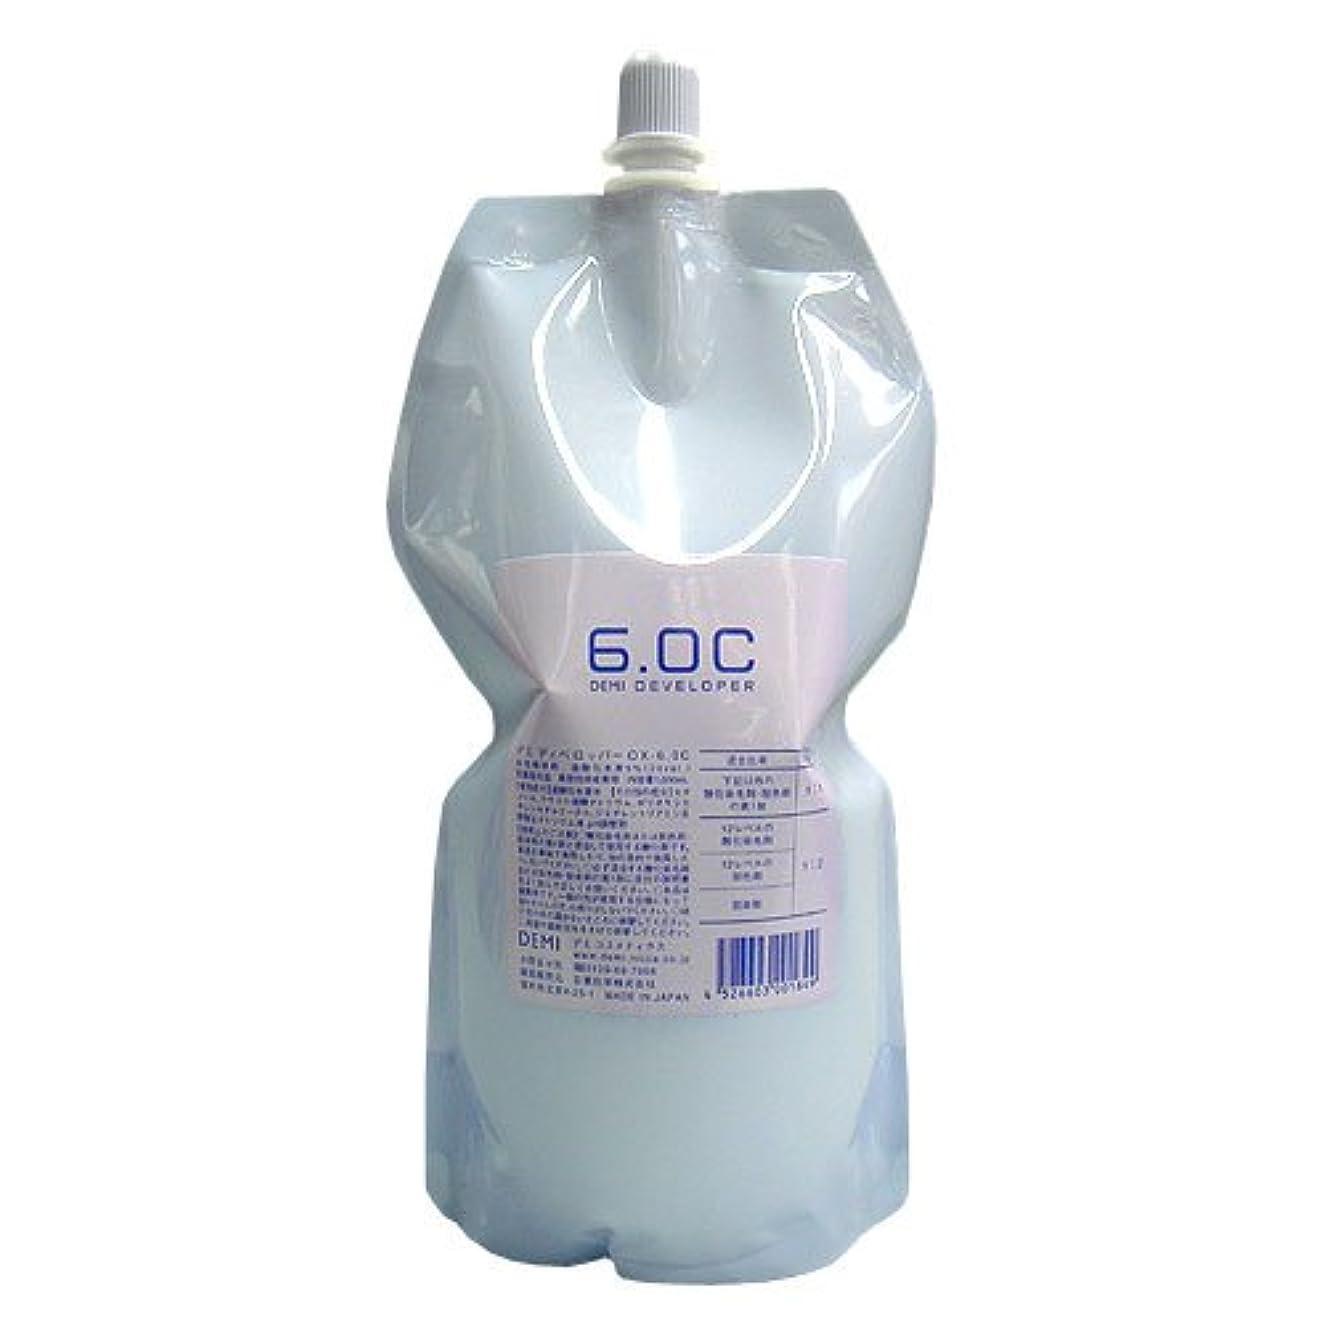 デミ ディベロッパー1000ml(レフィル) 6.0%【ヘアカラー2剤】【業務用】【医薬部外品】